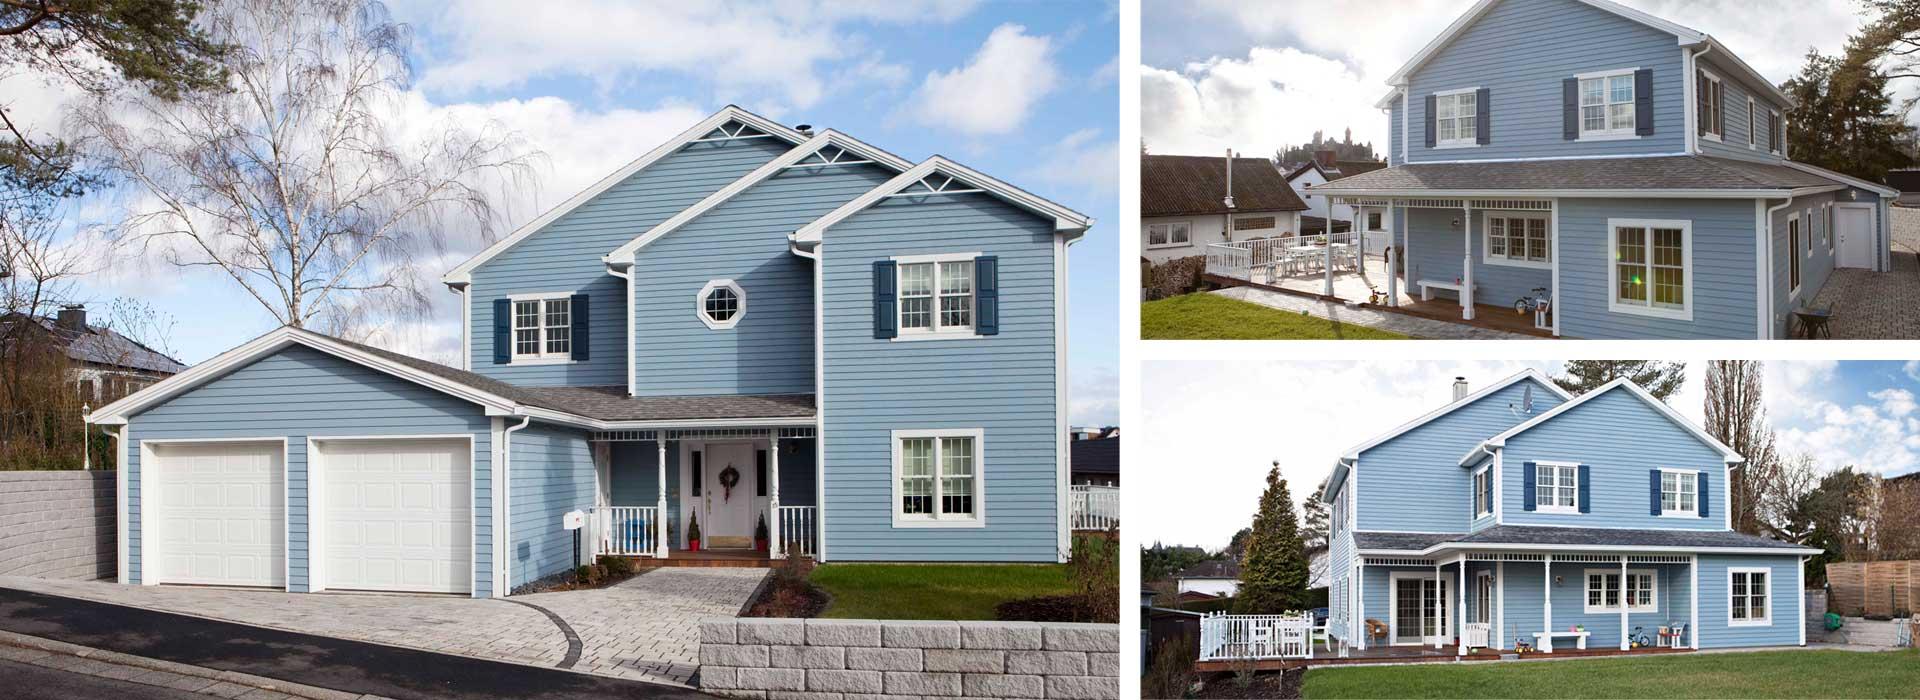 BostonHaus - Amerikanische Häuser - Startseite